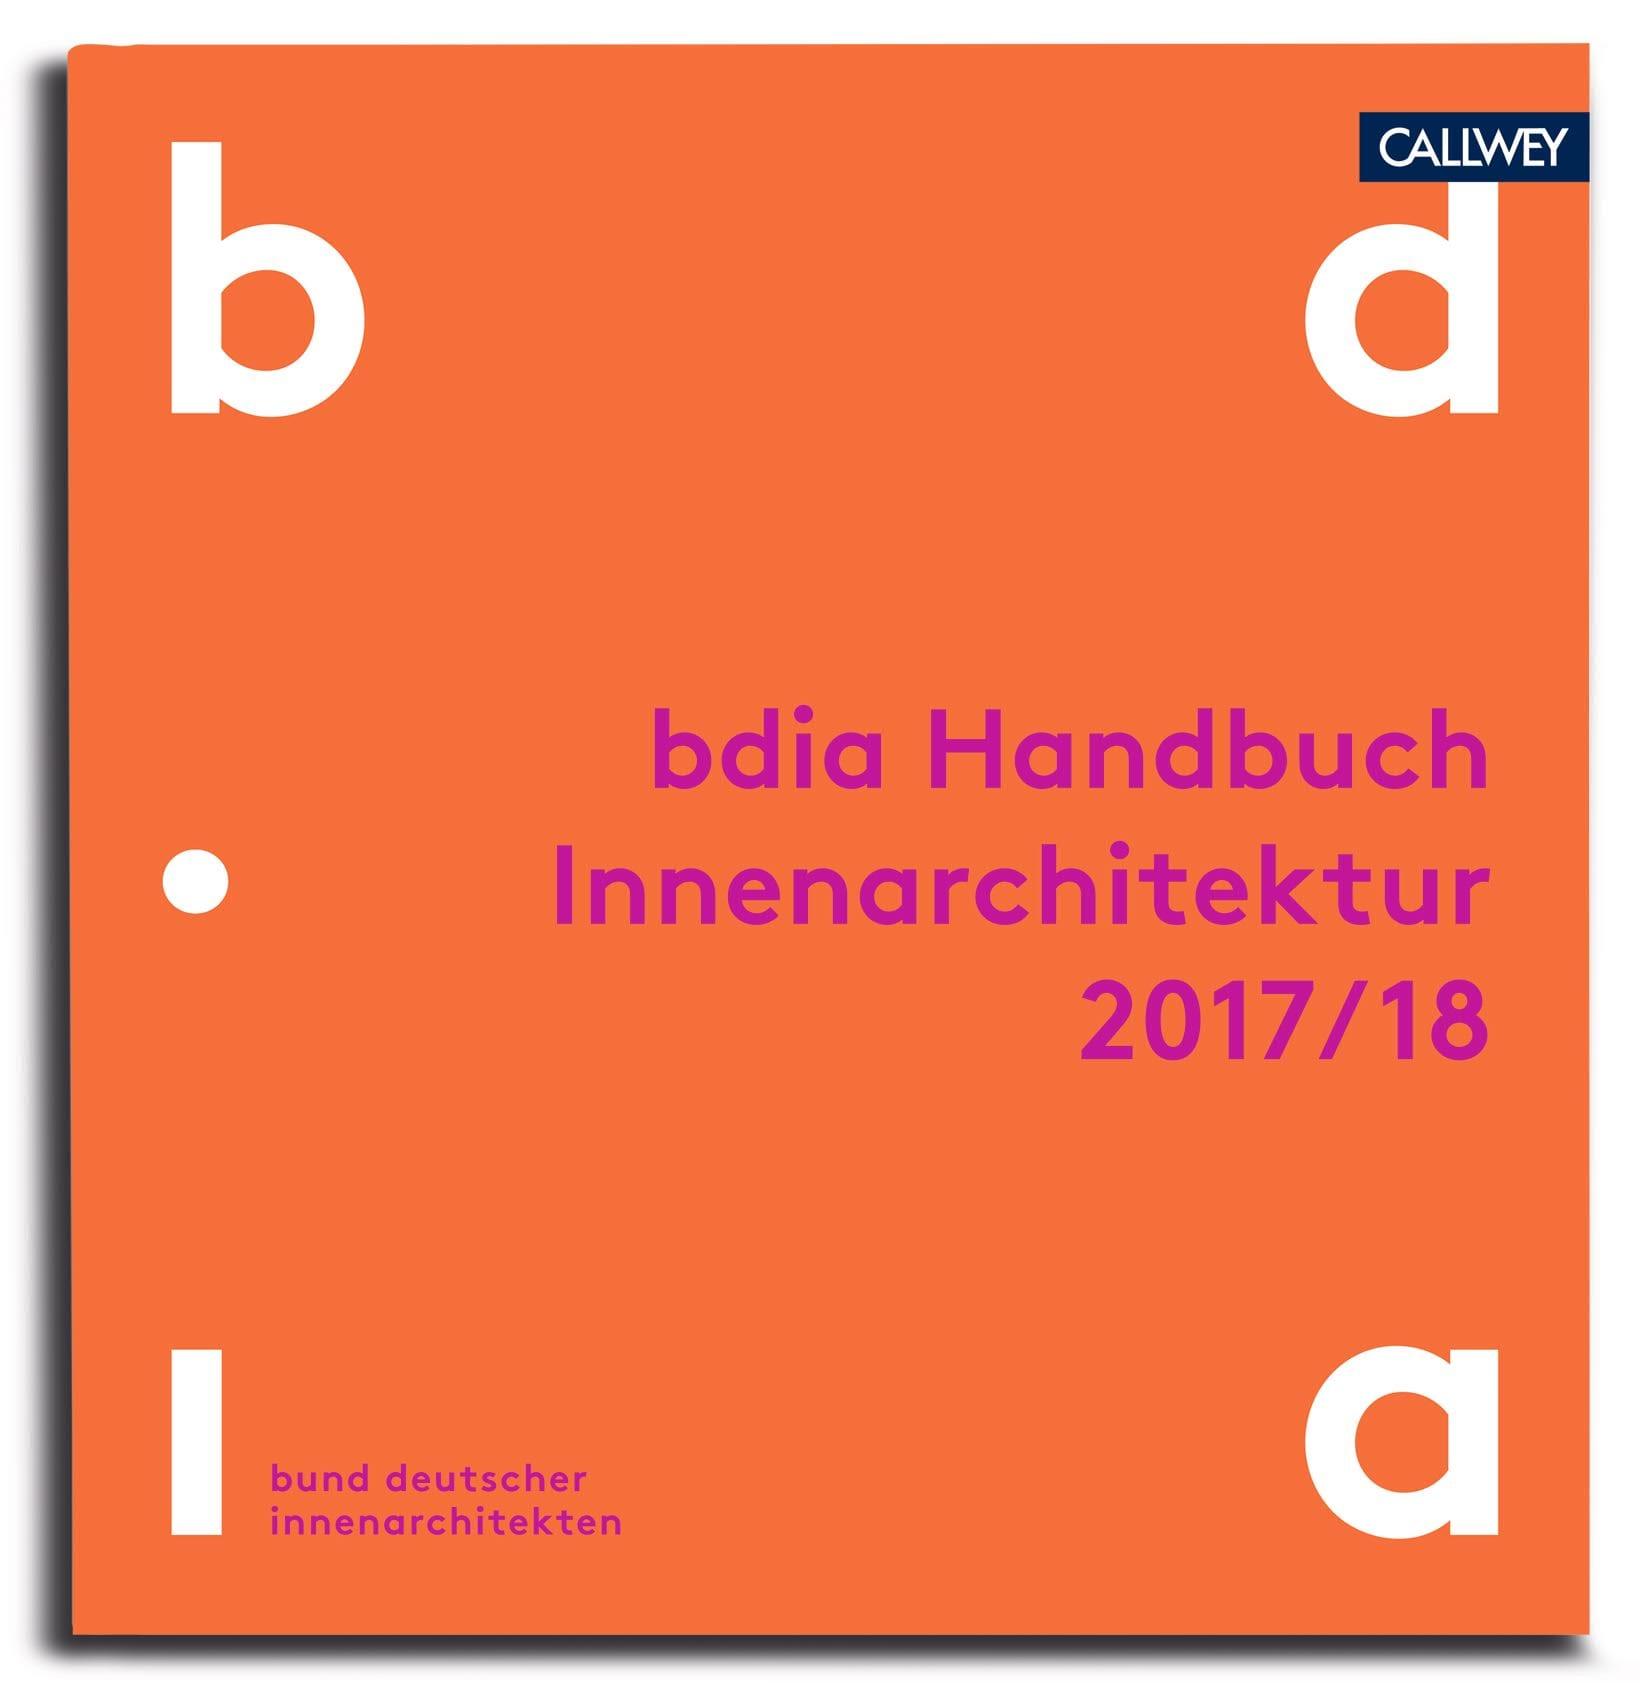 """das """"handbuch innenarchitektur 2017/18"""" des bdia ist erschienen, Innenarchitektur ideen"""